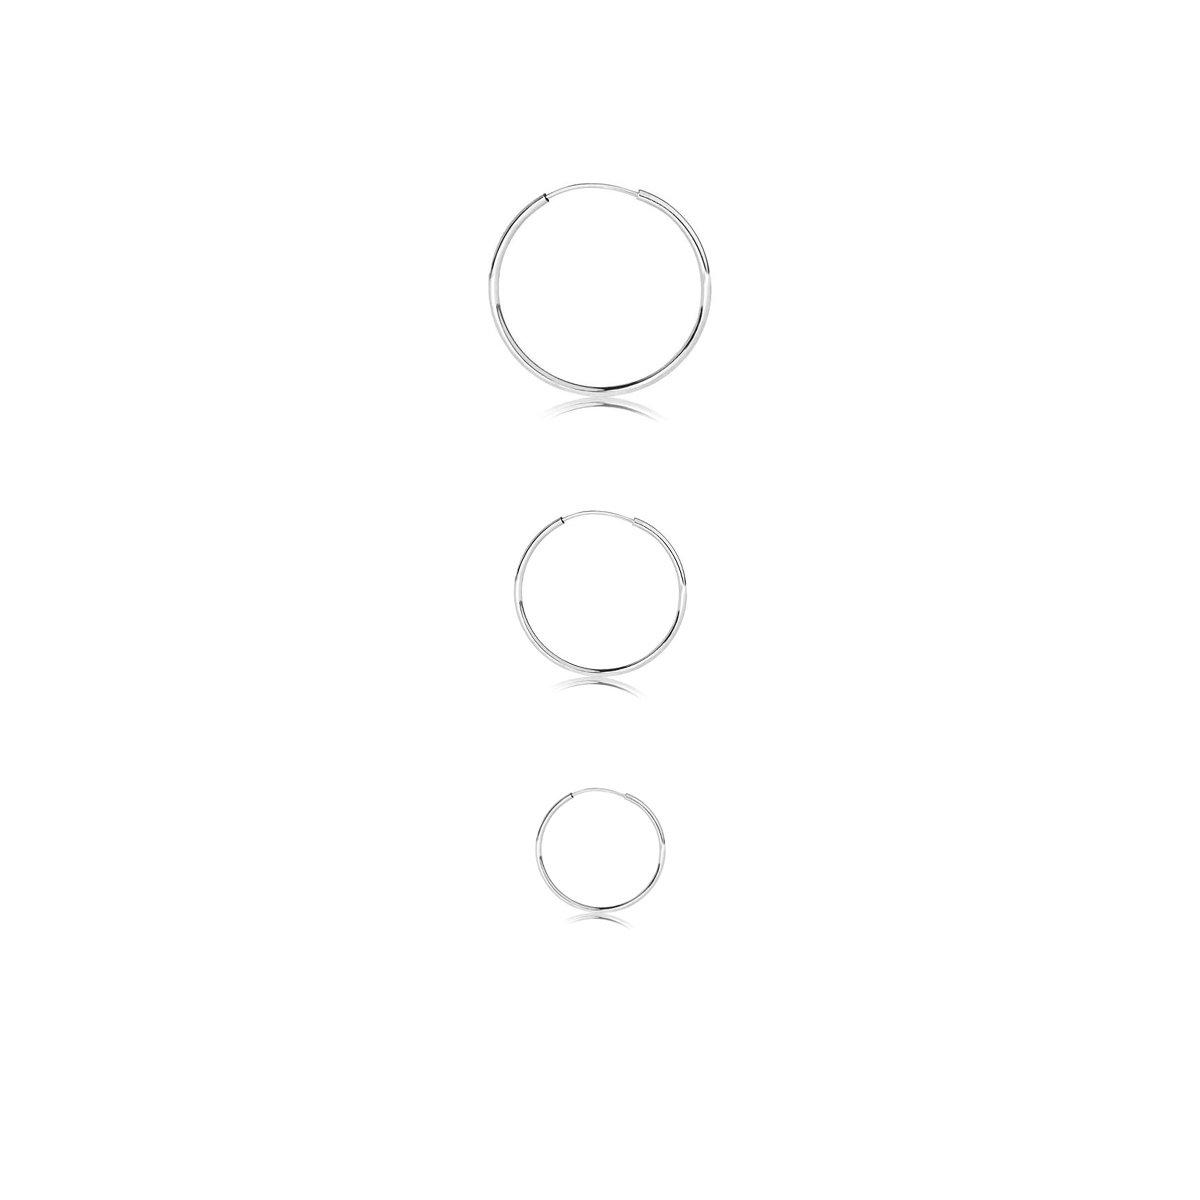 Sterling Silver Endless Round Unisex Hoop Earrings, Set of 3 Pairs 10mm 12mm 16mm